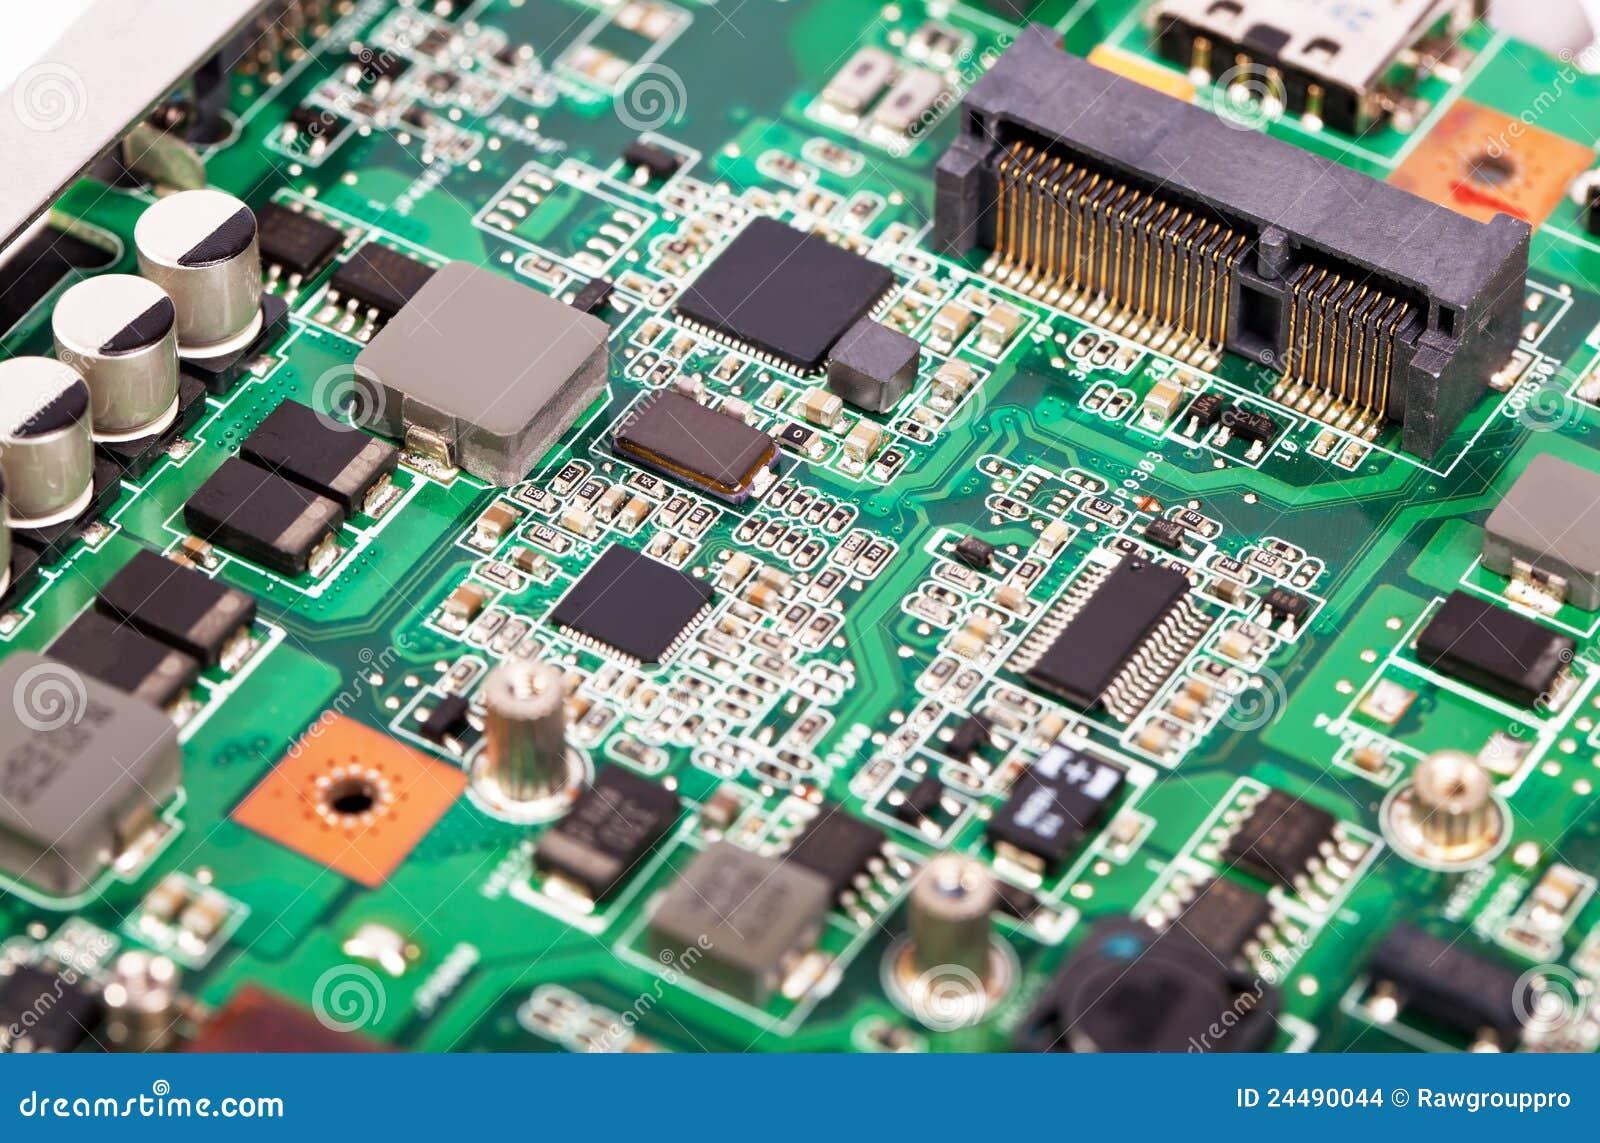 Placa madre de la computadora portátil con esquemas micro